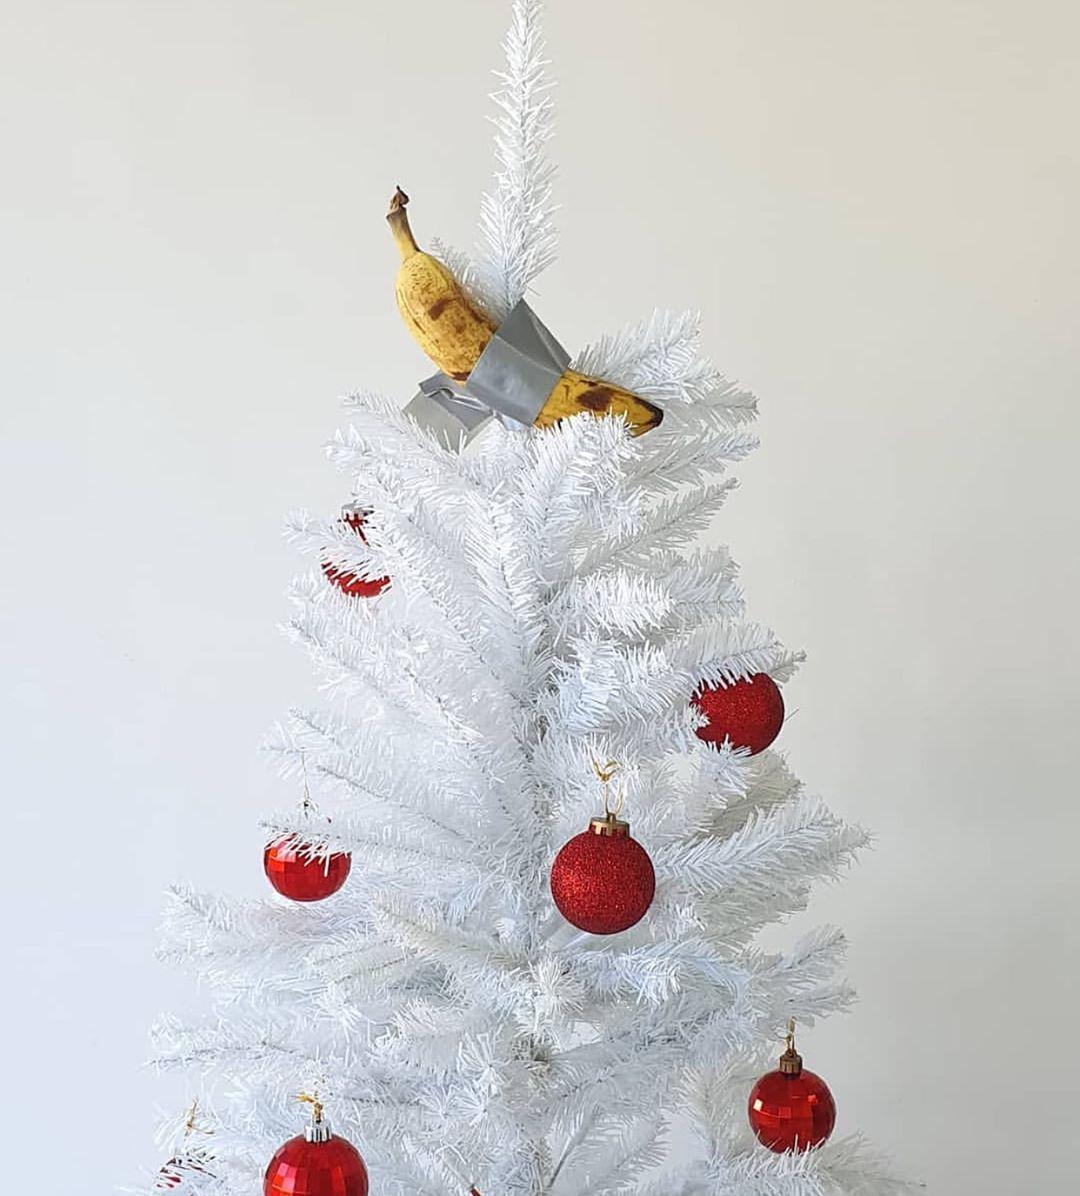 Banana di Cattelan su albero di Natale - Neomag.